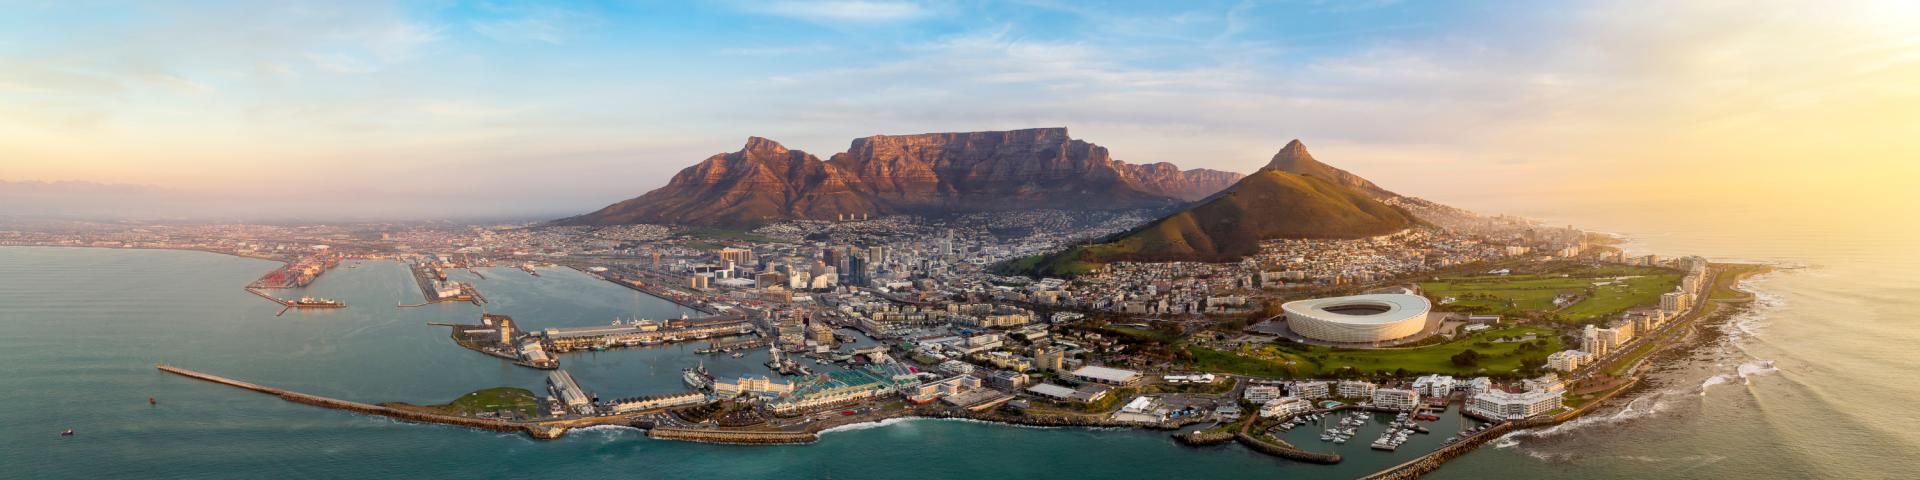 Afrika Reisen - Kapstadt